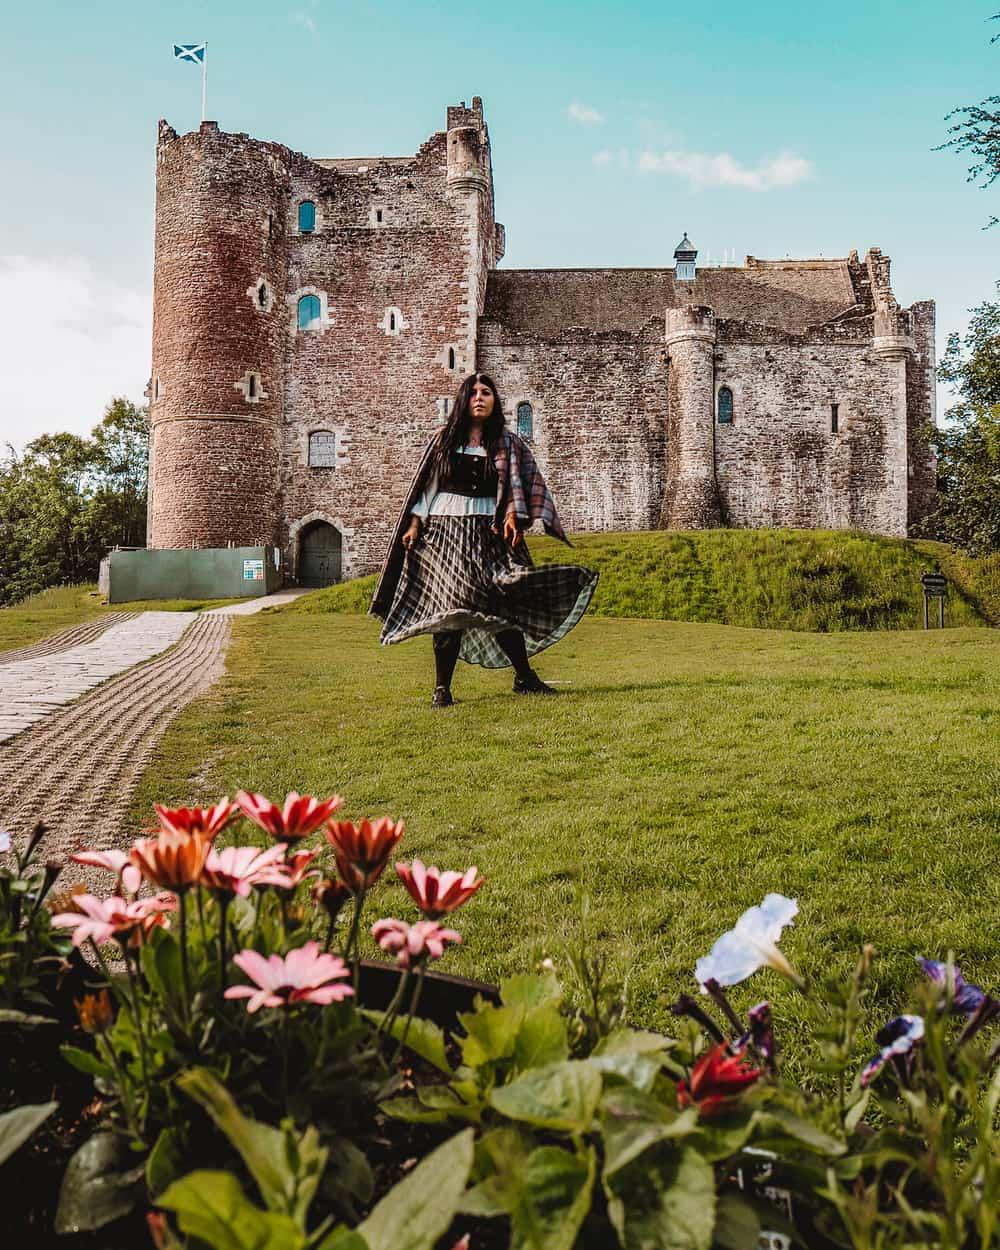 Doune Castle history